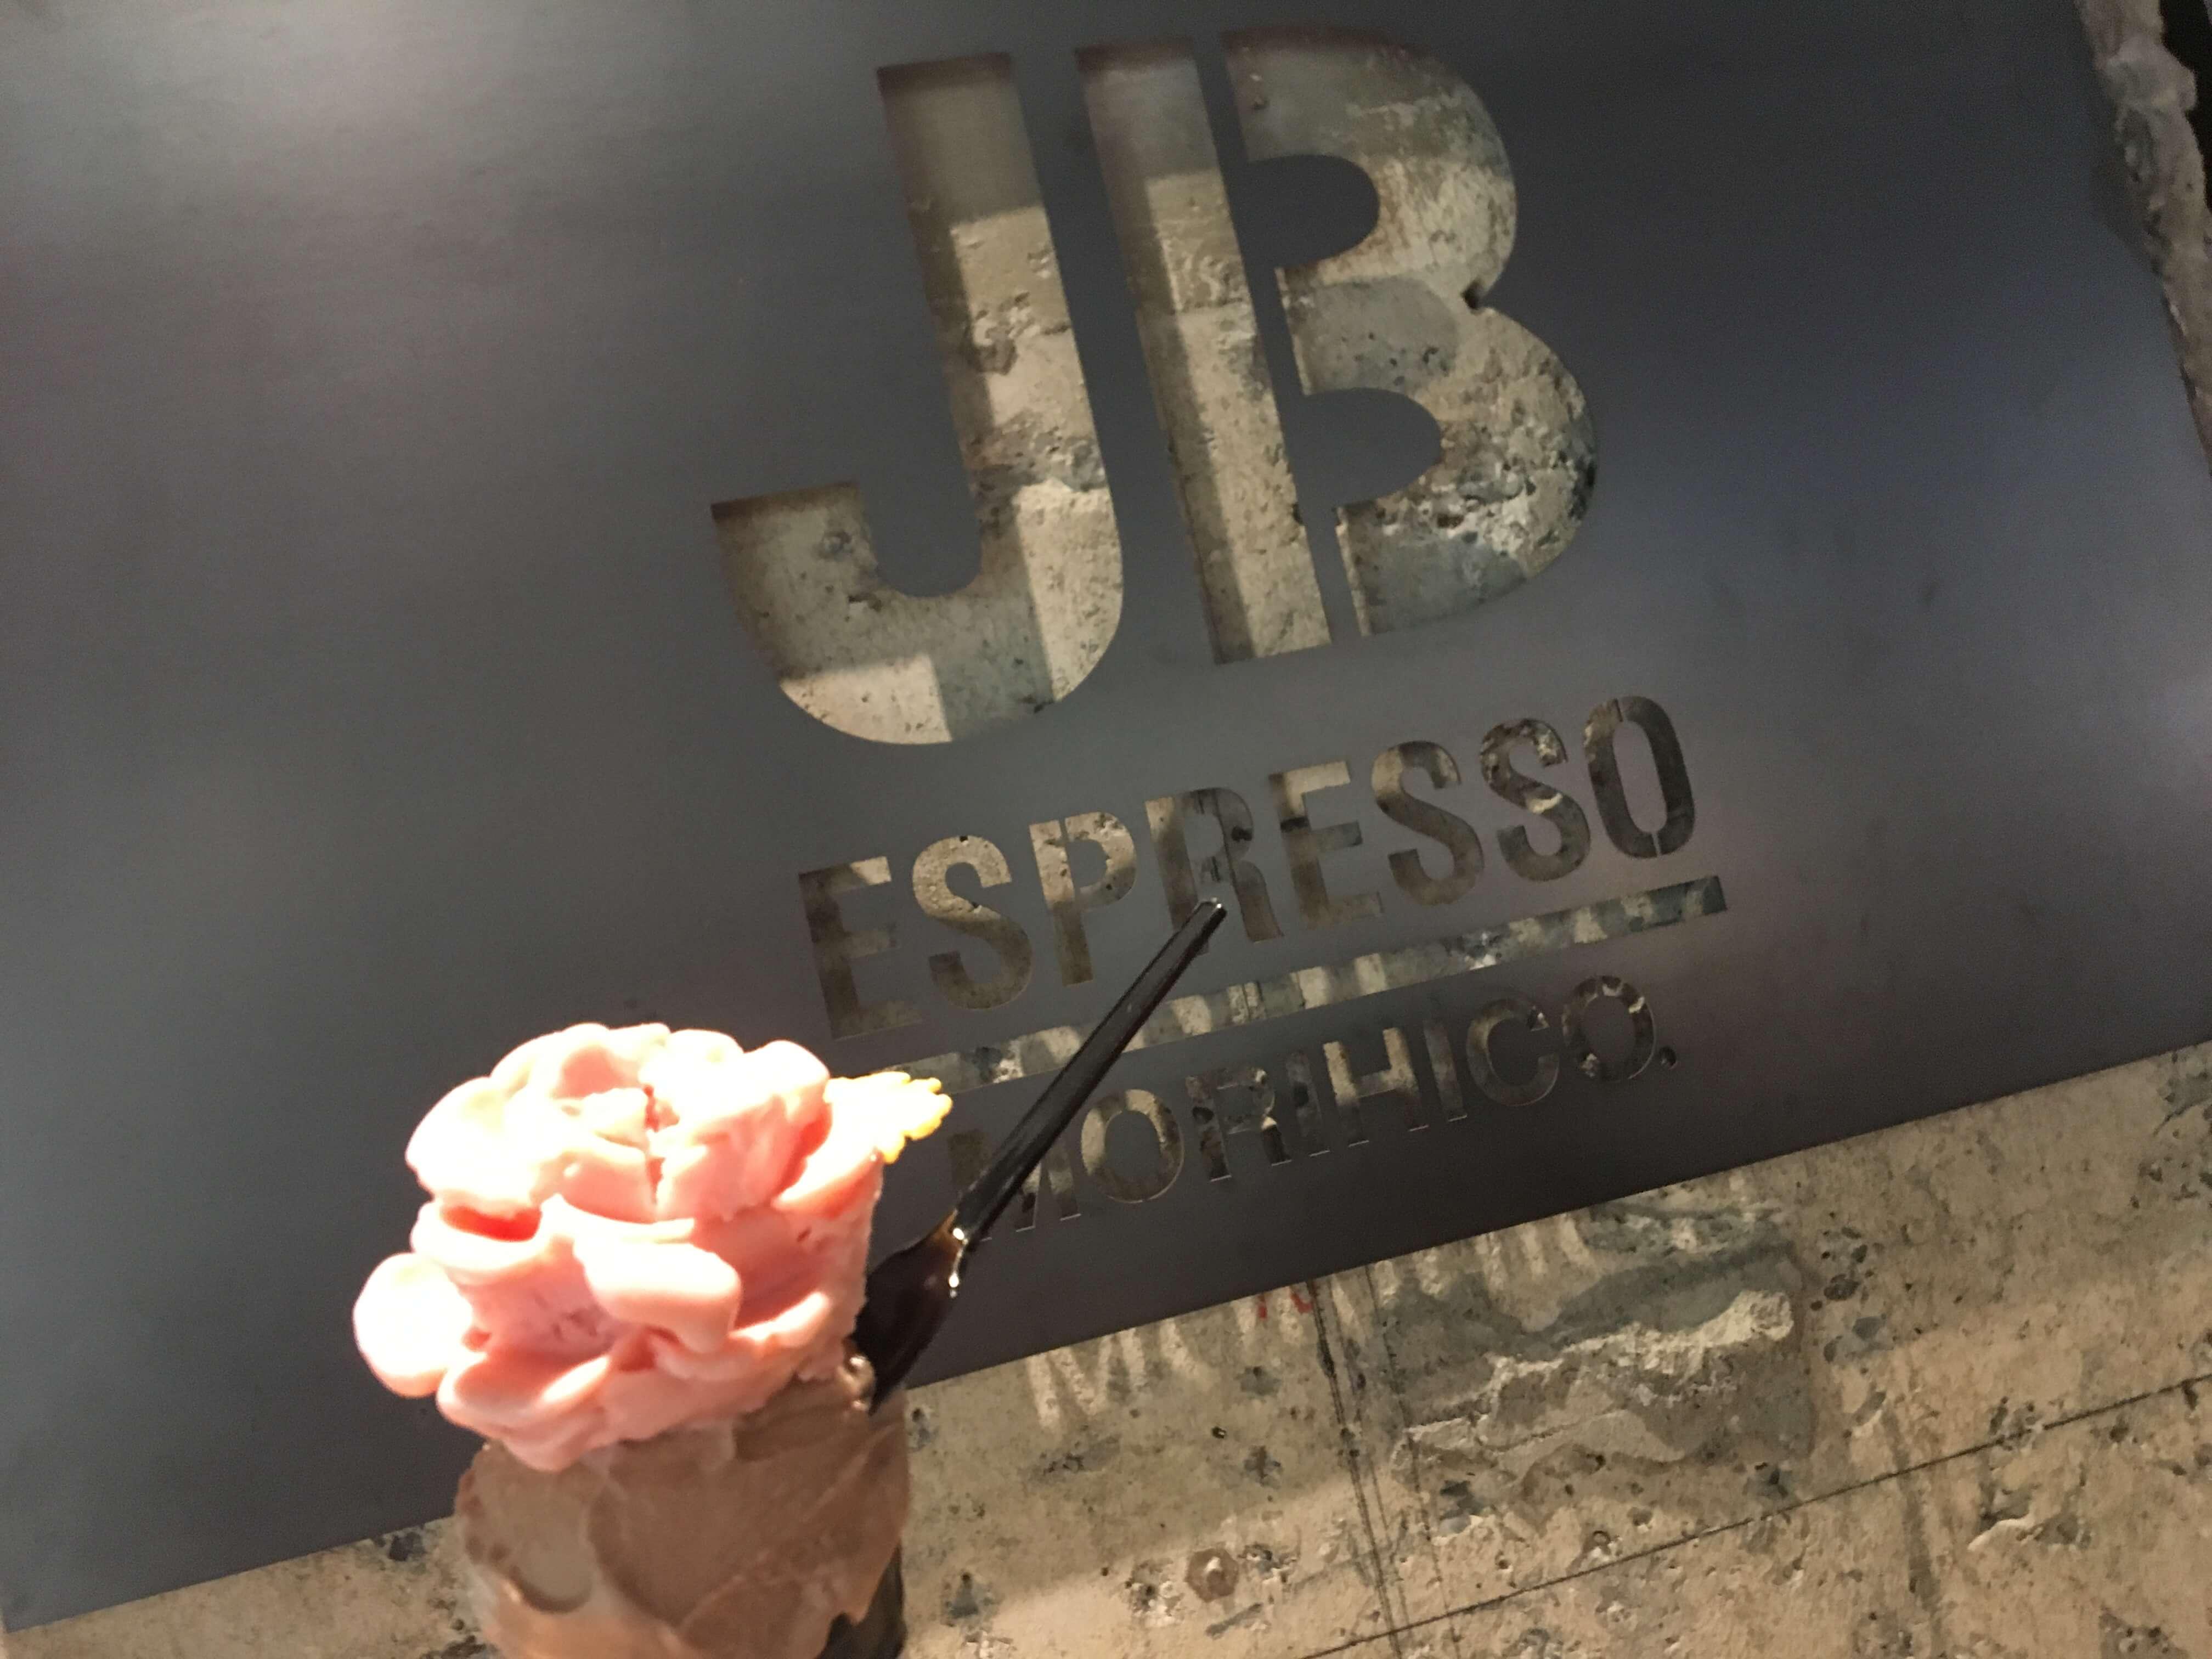 JB ESPRESSO MORIHICO.+D(ジェイビー エスプレッソ モリヒコ プラスディー)のロゴと花びら型のジェラート